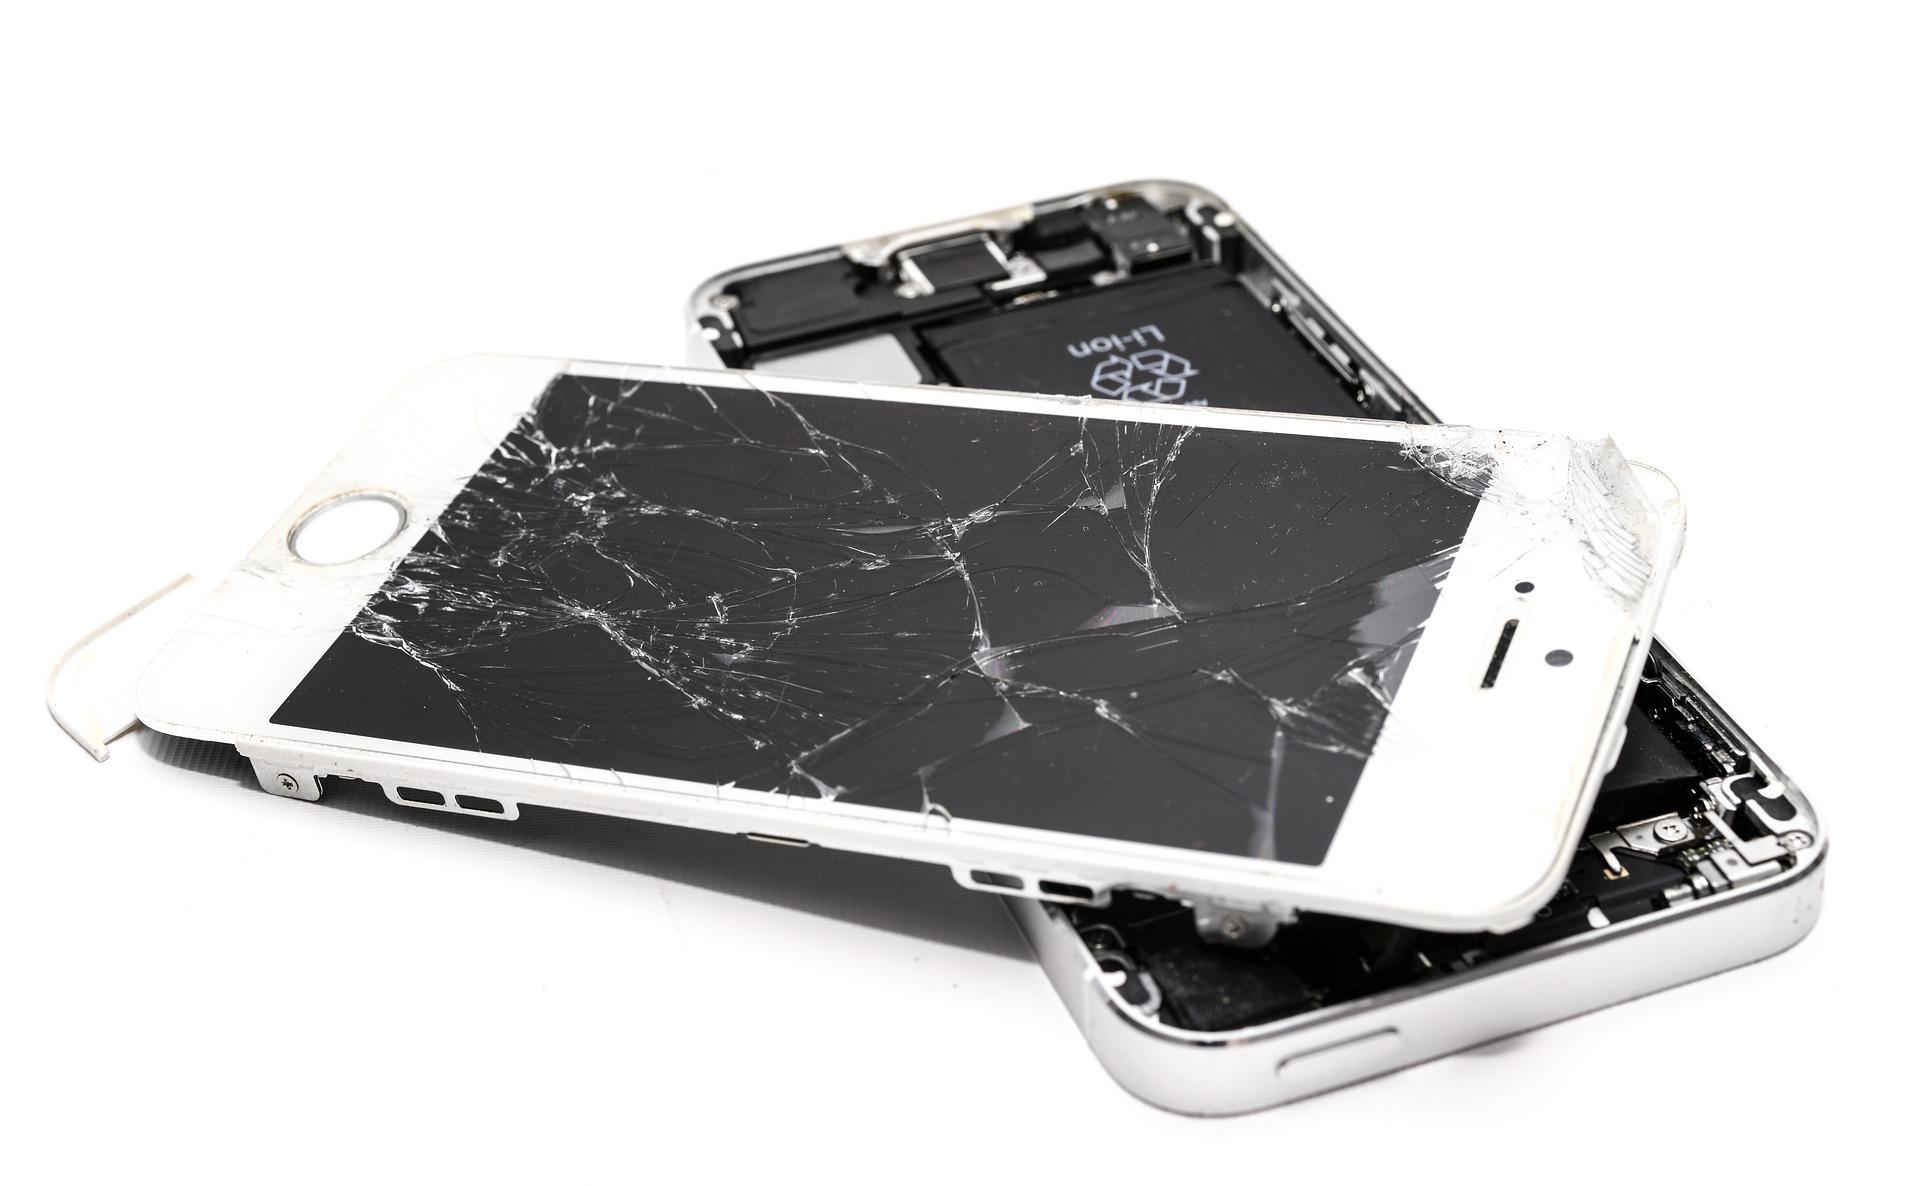 Riparazione Smartphone Rotto TWS